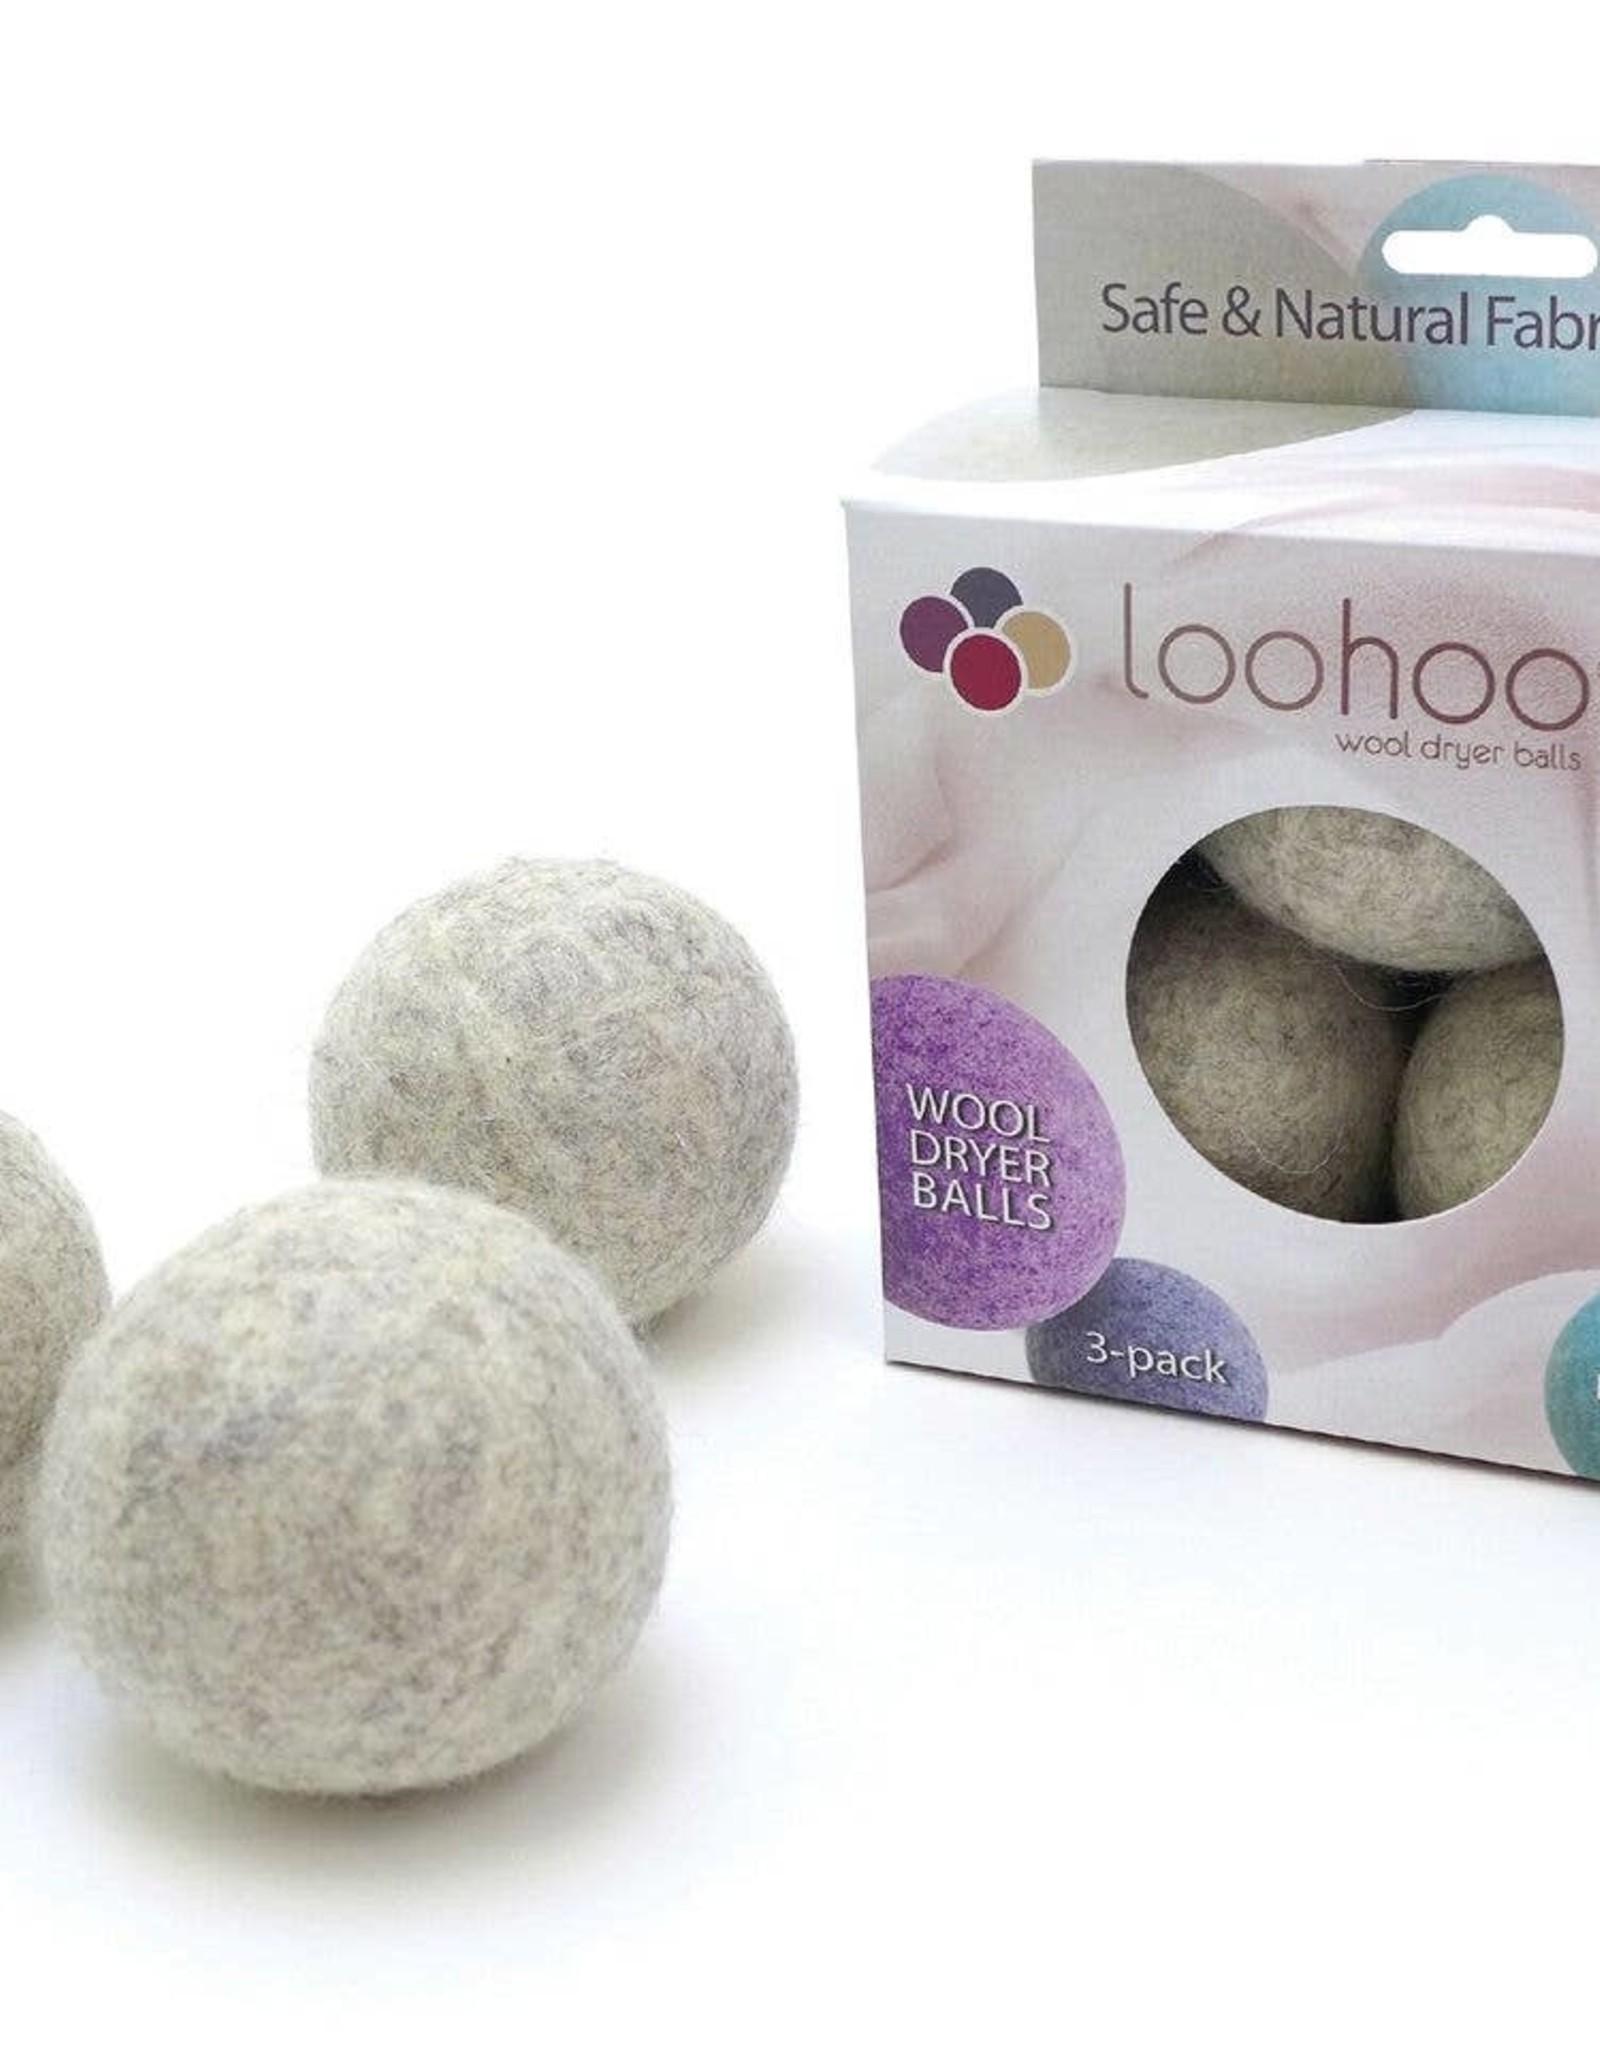 LooHoo Wool Dryer Balls Wool Dryer Balls - Pack of 3